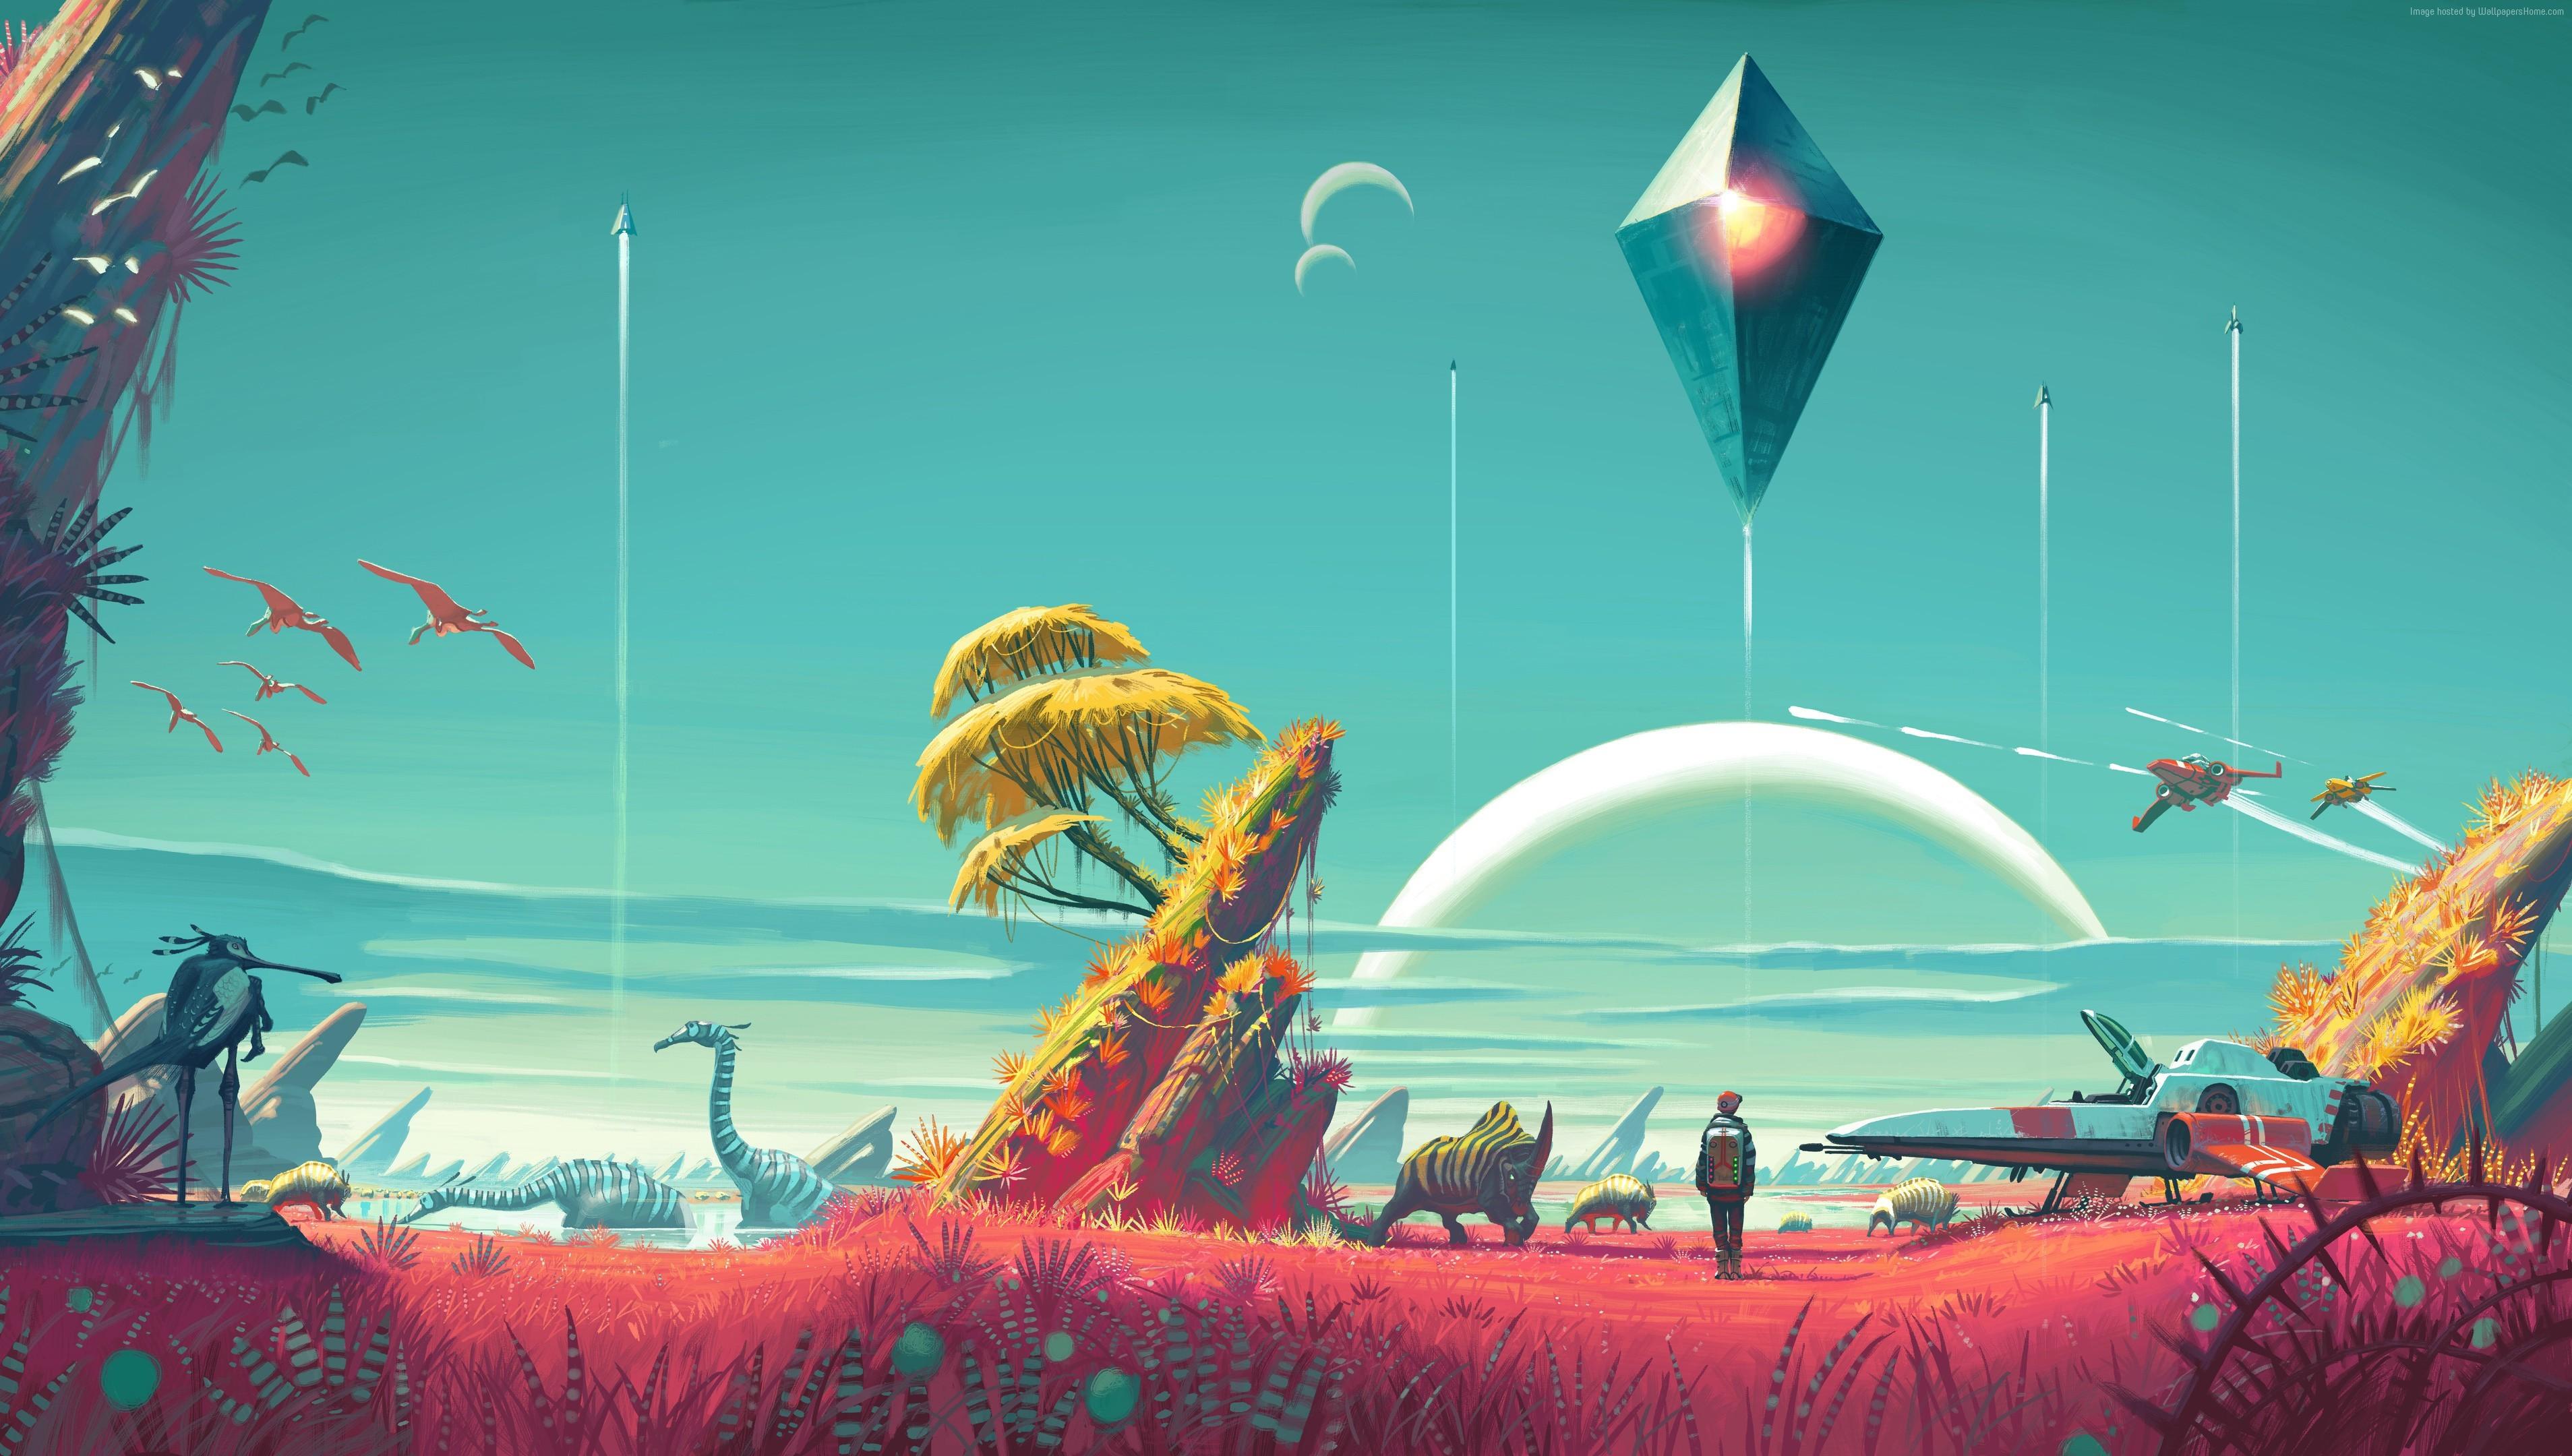 No Man's Sky, 4k, 5k wallpaper, Best Games 2015, game, sci …